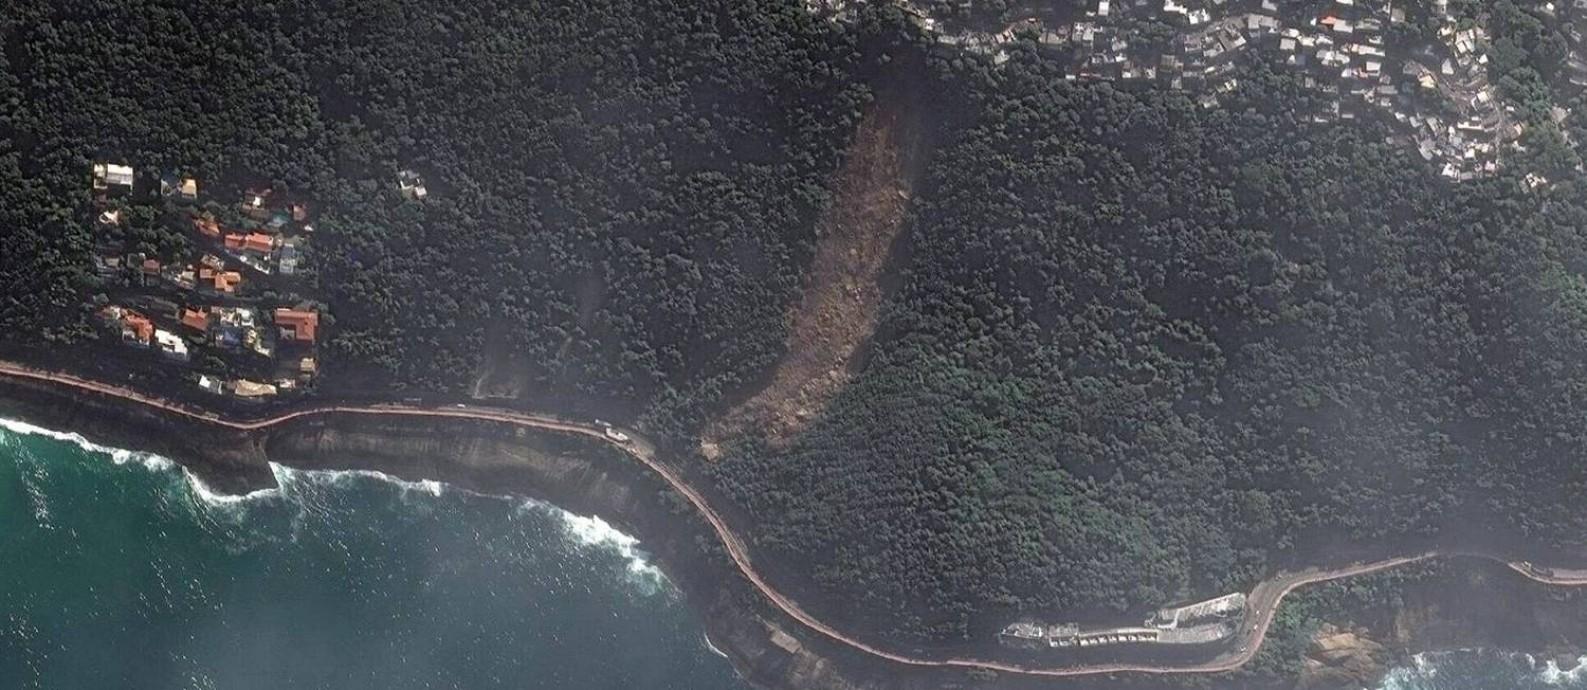 O deslizamento de terra do alto do Vidigal abriu um buraco na vegetação Foto: 13/04/2019 / Satellite image ©2019 DigitalGlobe, a Maxar company